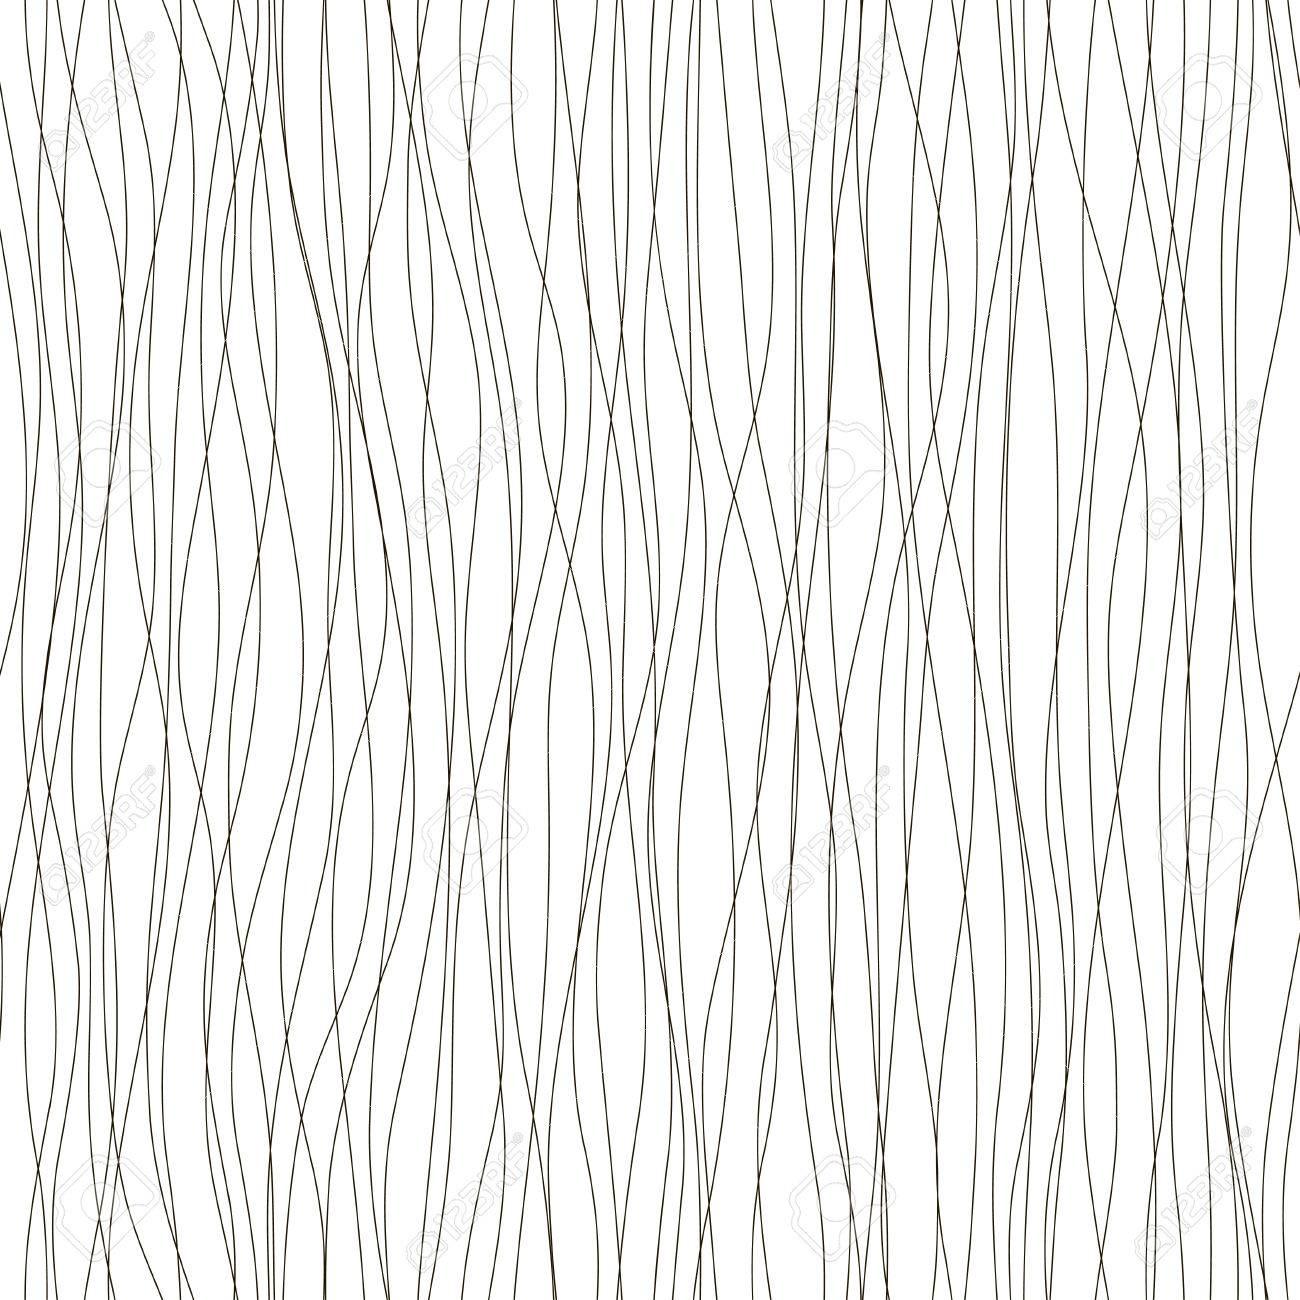 Interseccion De Lineas De Textura Patron Sin Costuras Ilustracion